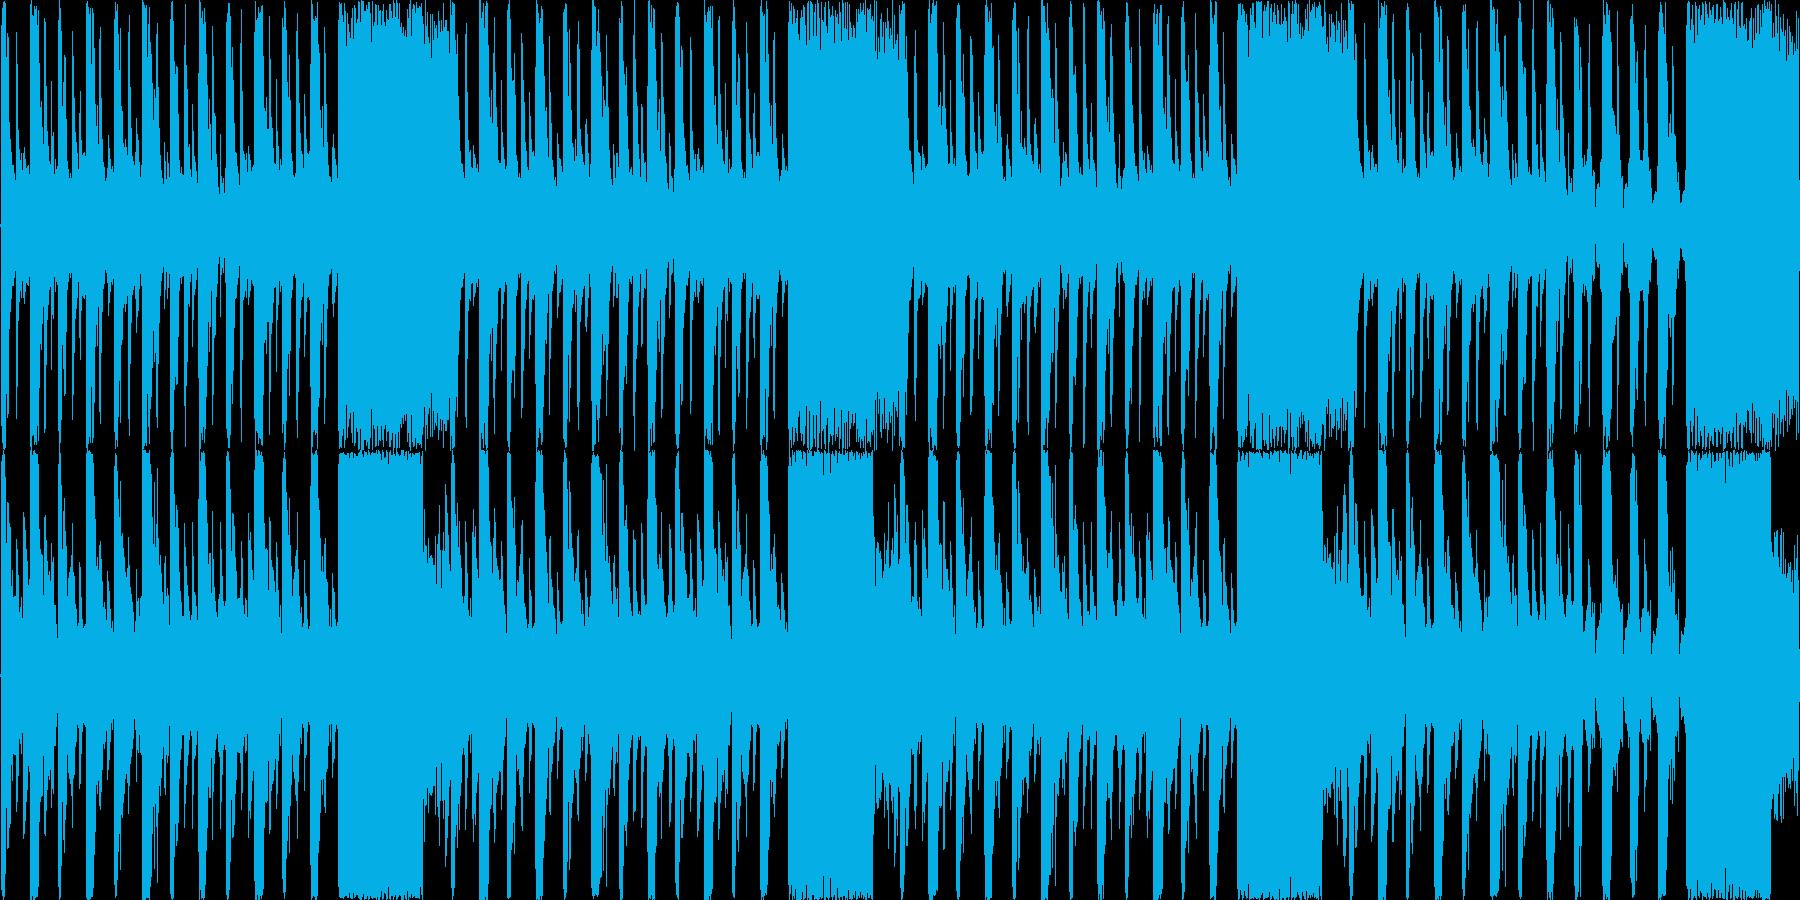 【シンセ/エレクトロニカ/TRAP】の再生済みの波形